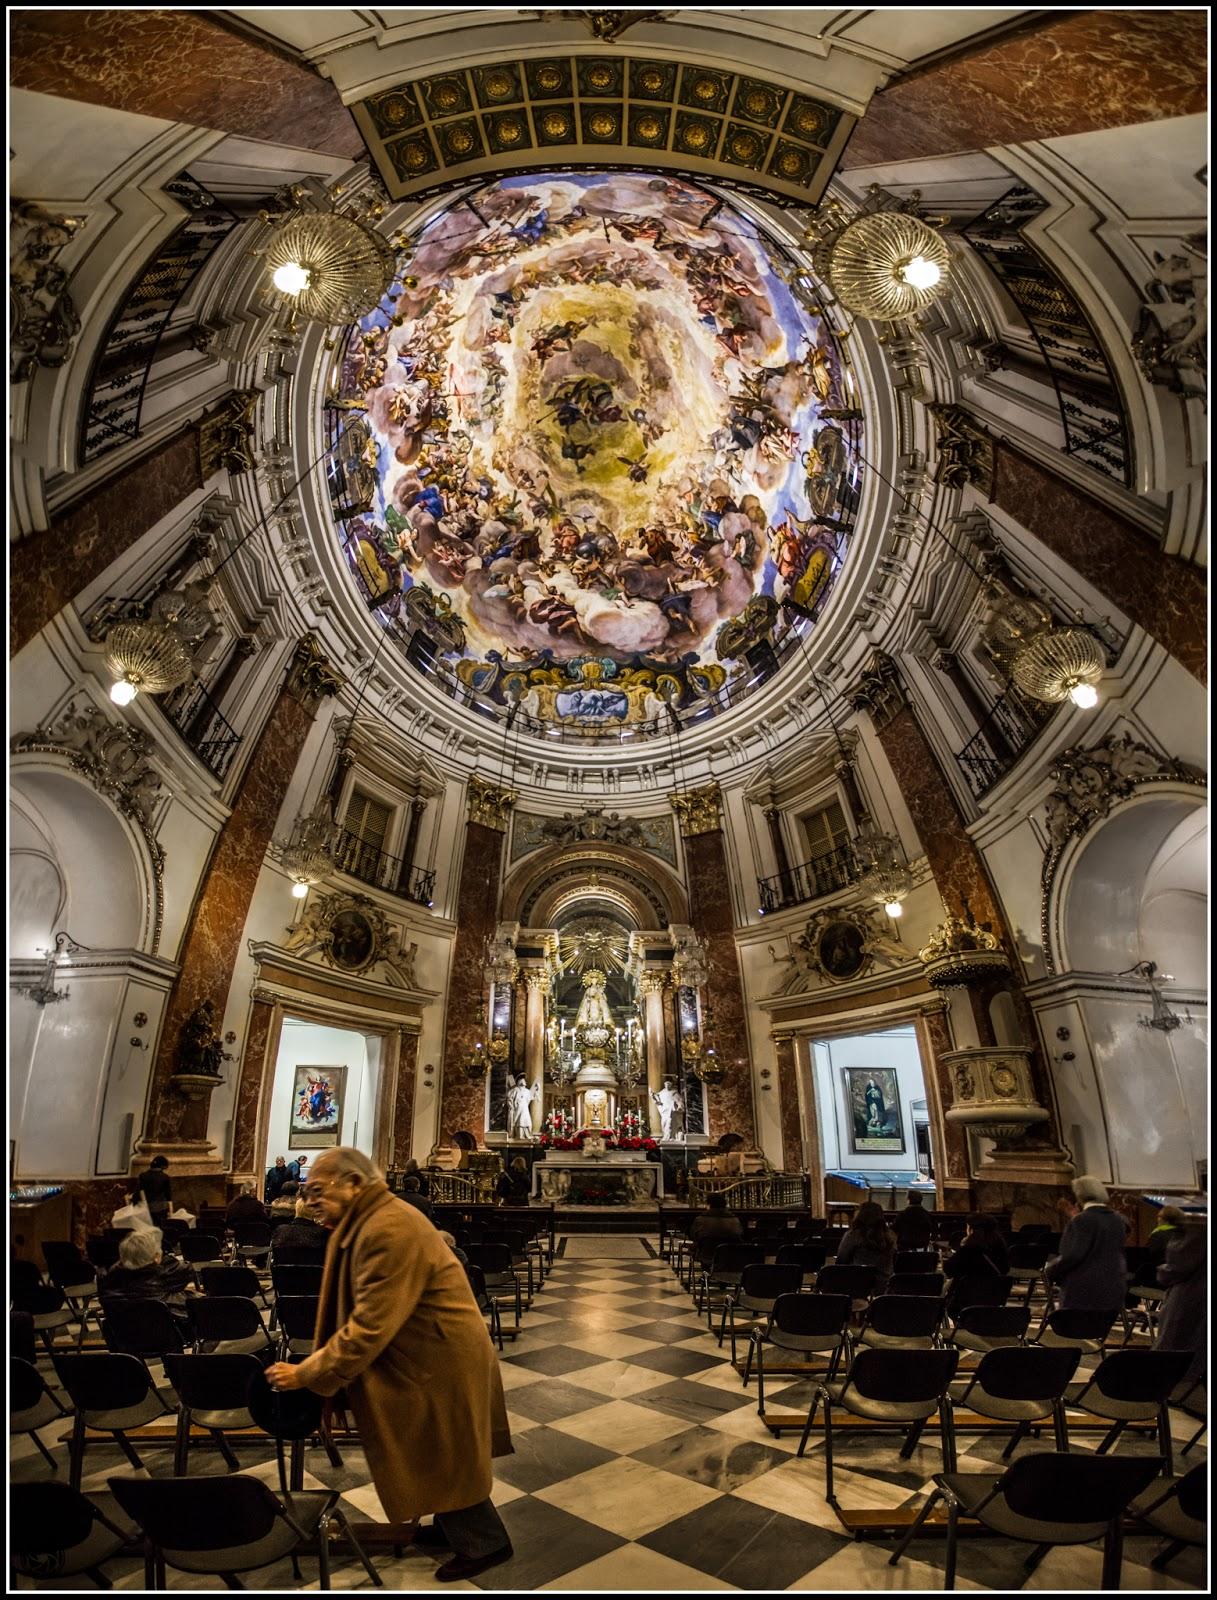 Real Basílica de Nuestra Señora de los Desamparados :: Panorámica 6 x Canon EOS 5D MkIII | ISO 3200 | Canon 17-40@17mm | f/4.0 | 1/25s